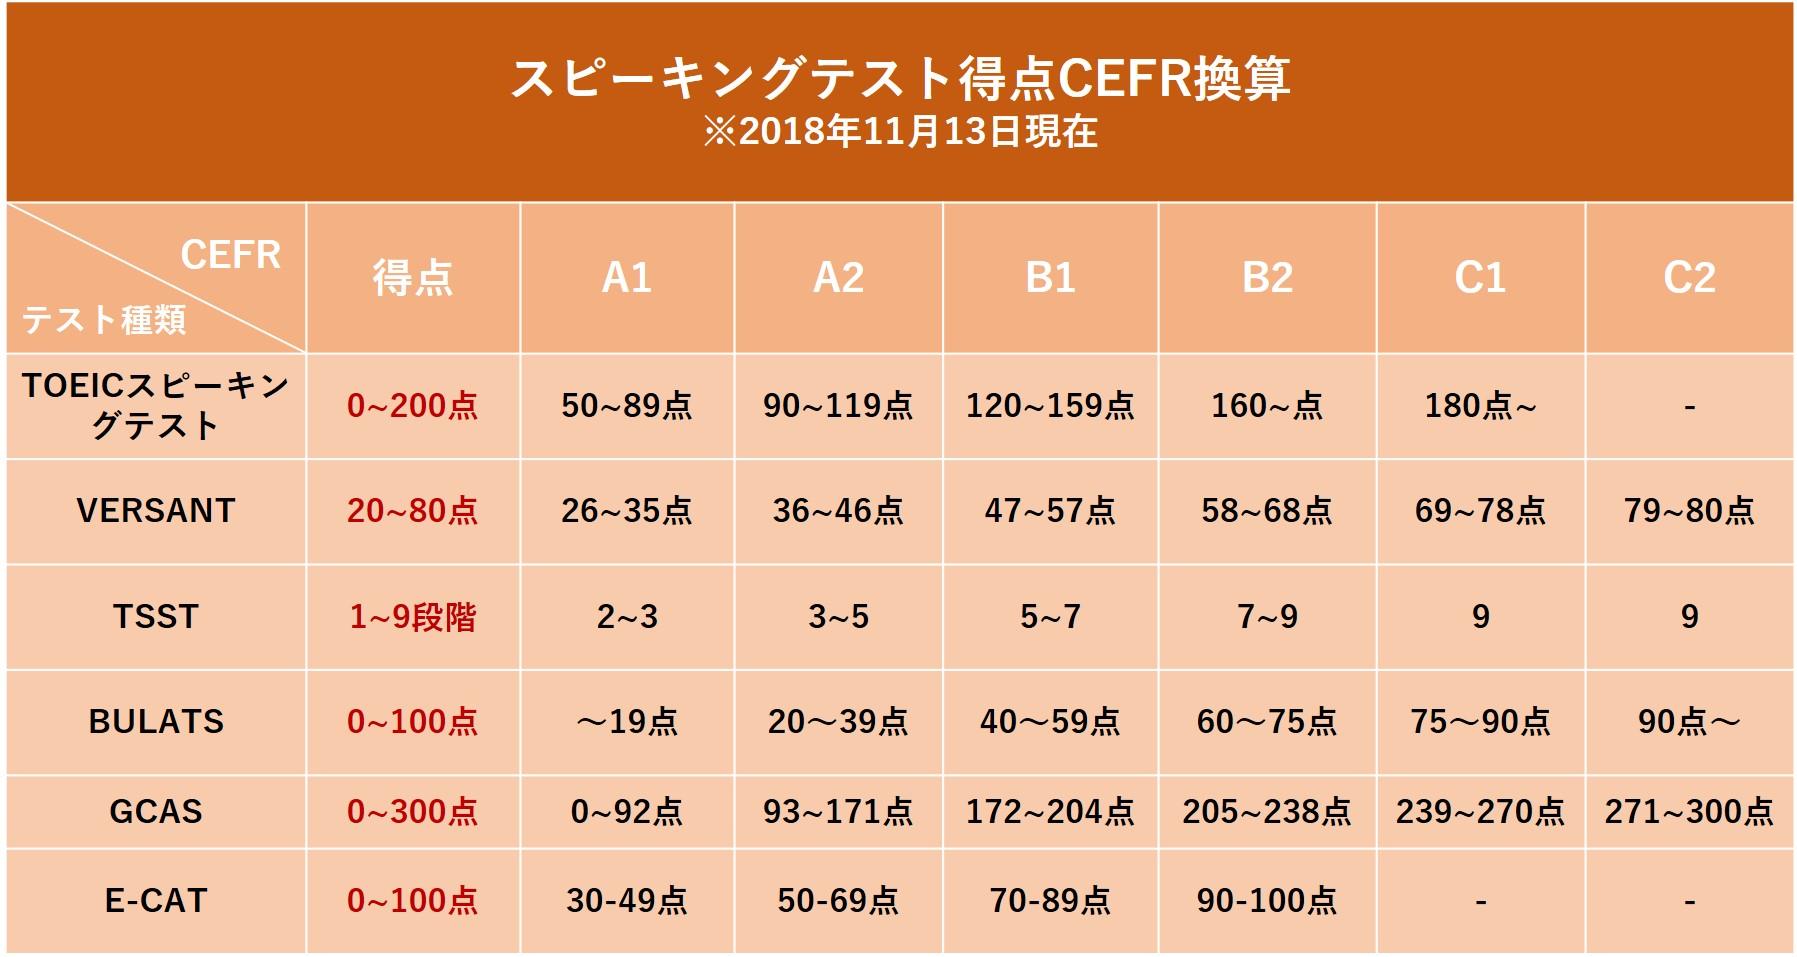 スピーキングテスト得点CEFR換算-1